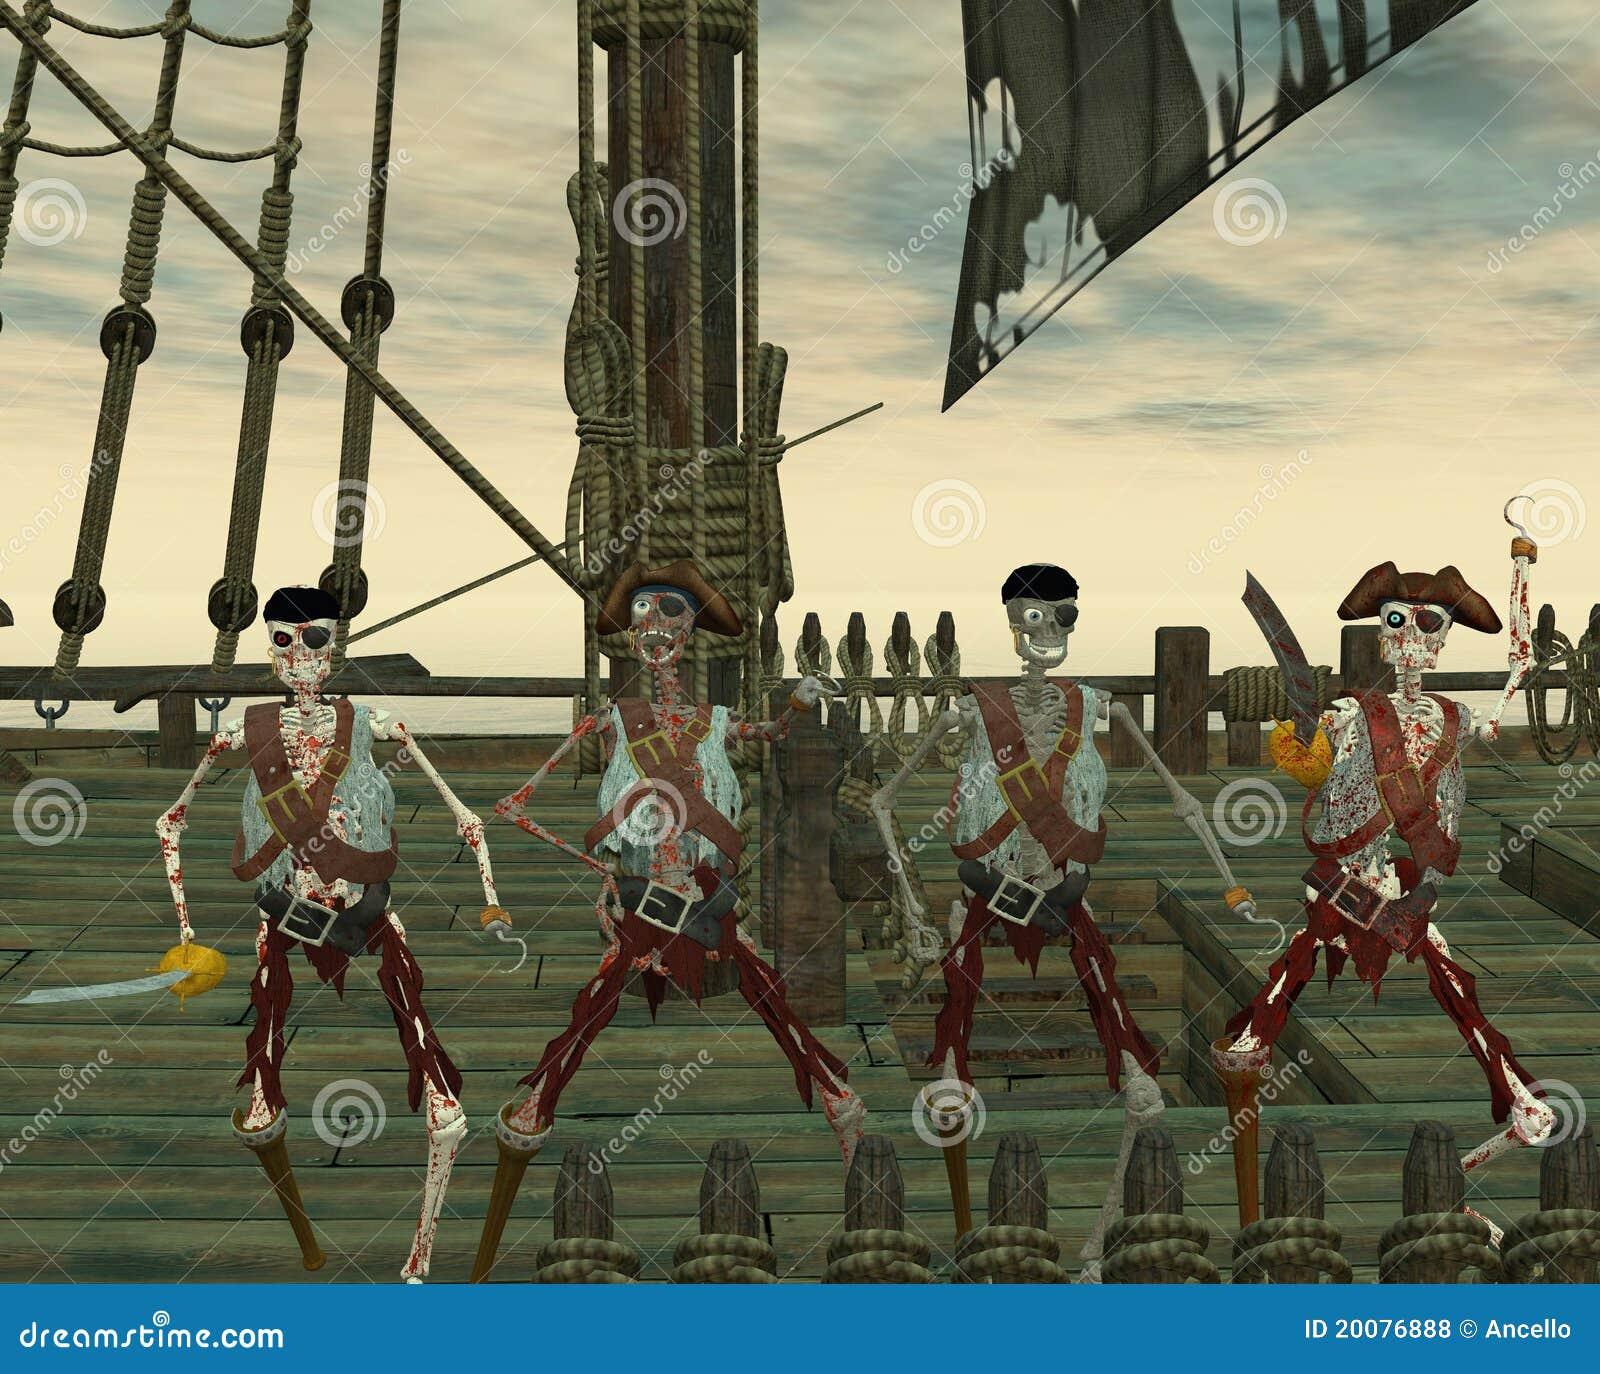 Undead pirates